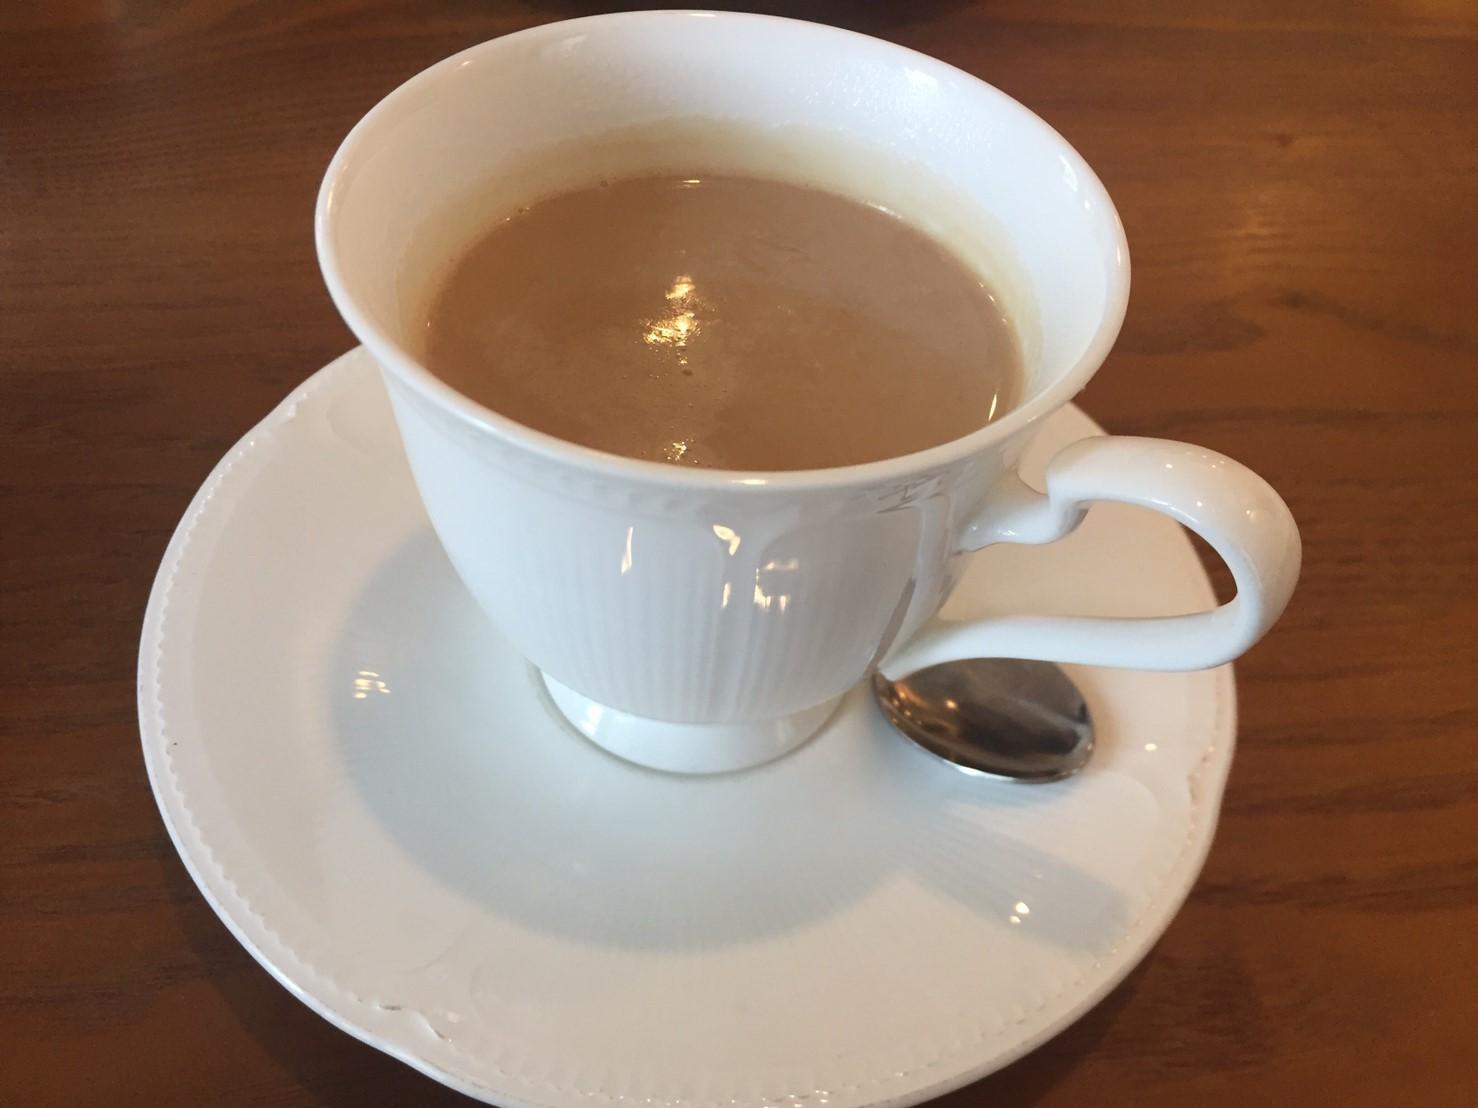 喫茶フォルダー 10_e0115904_03422280.jpg